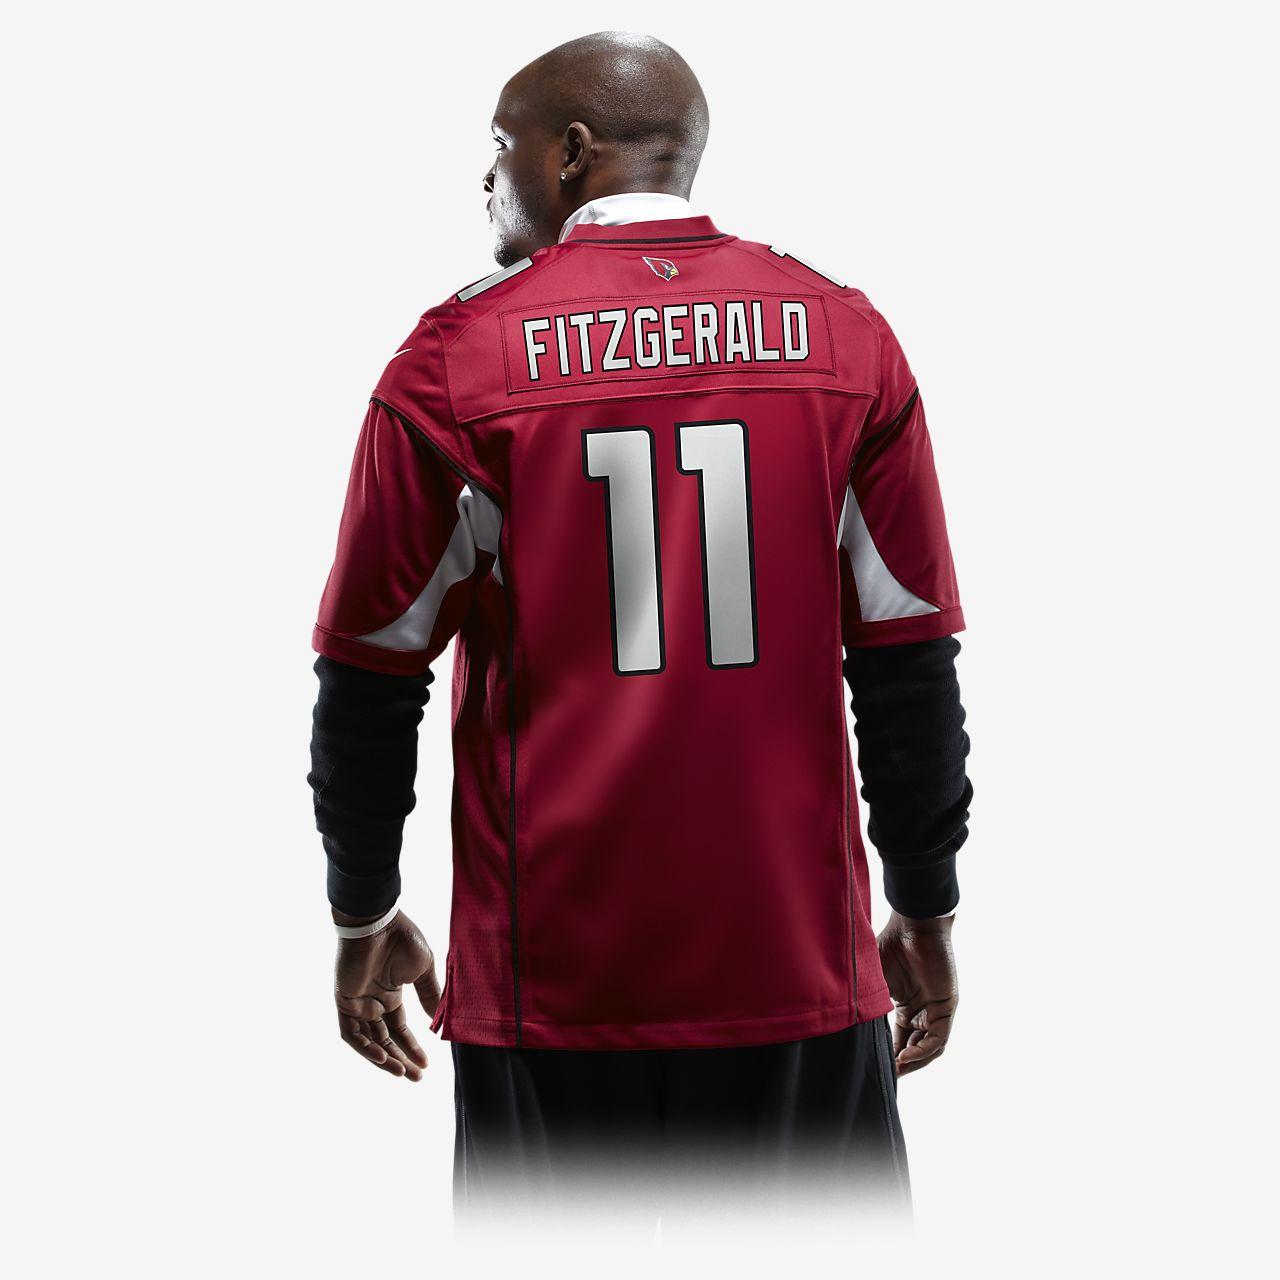 online retailer 137c6 30665 NFL Arizona Cardinals (Larry Fitzgerald) Men's American Football Game Jersey